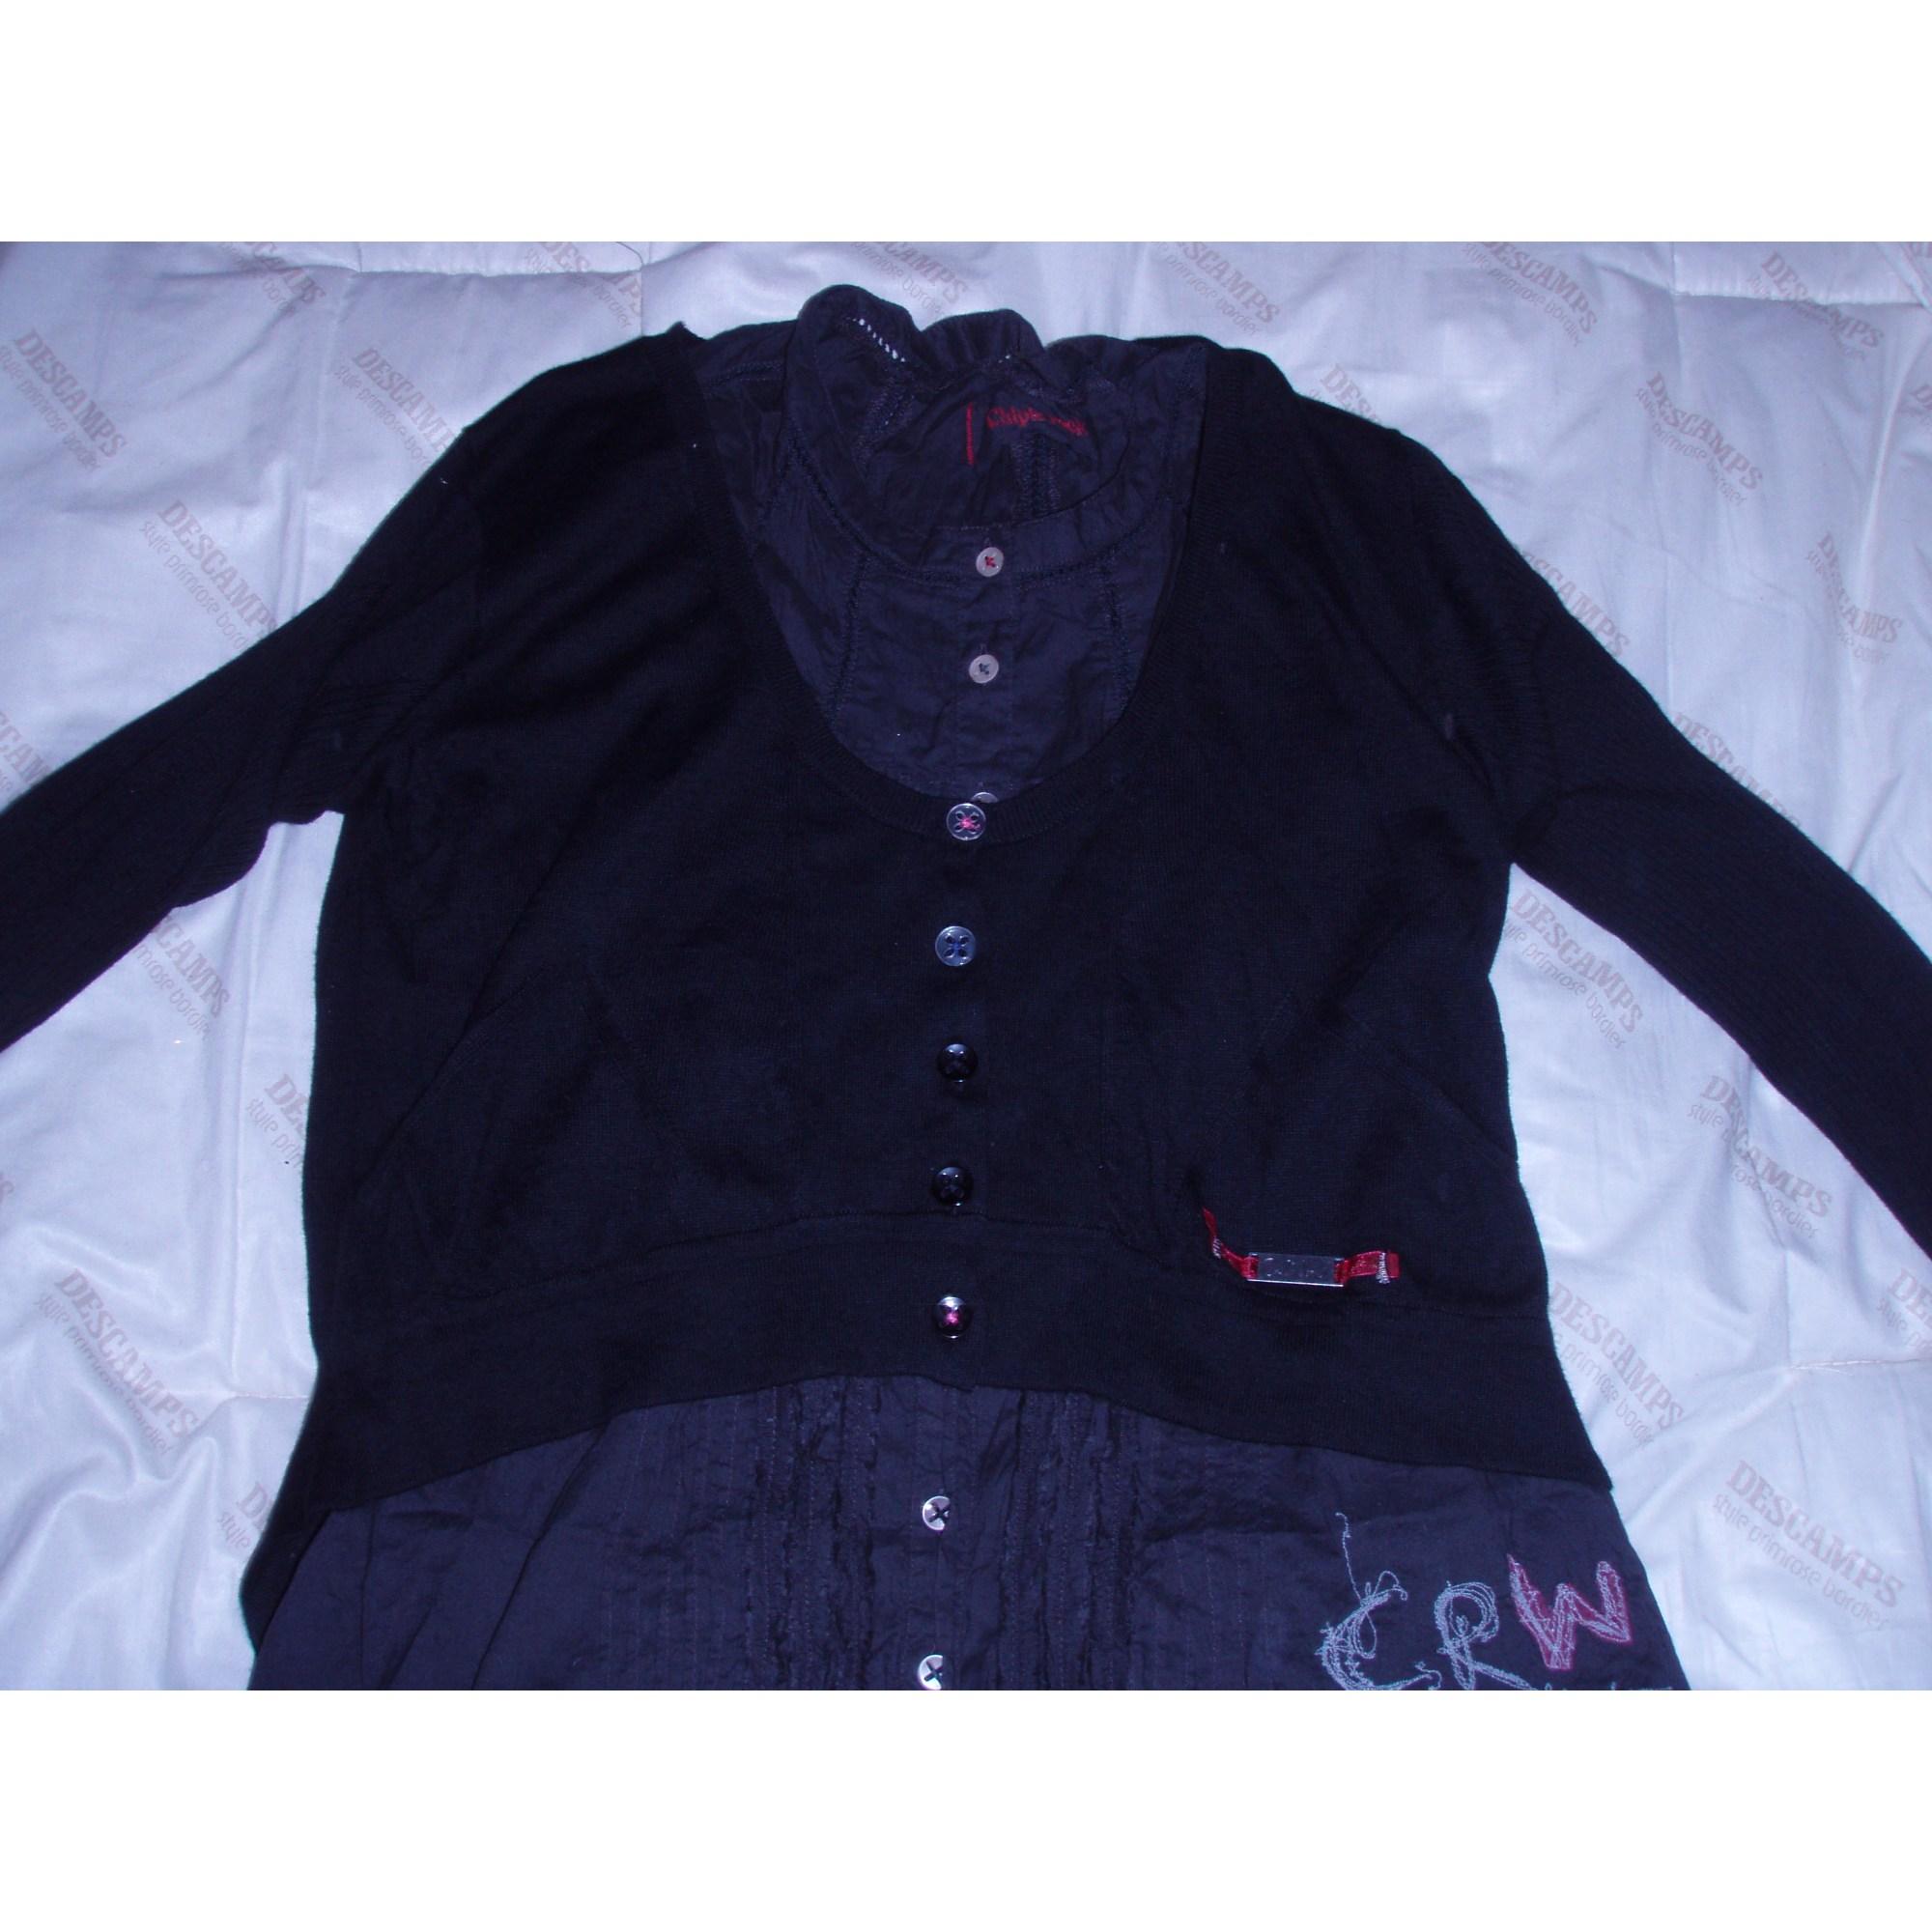 Anzug, Set für Kinder, kurz CHIPIE Grau, anthrazit